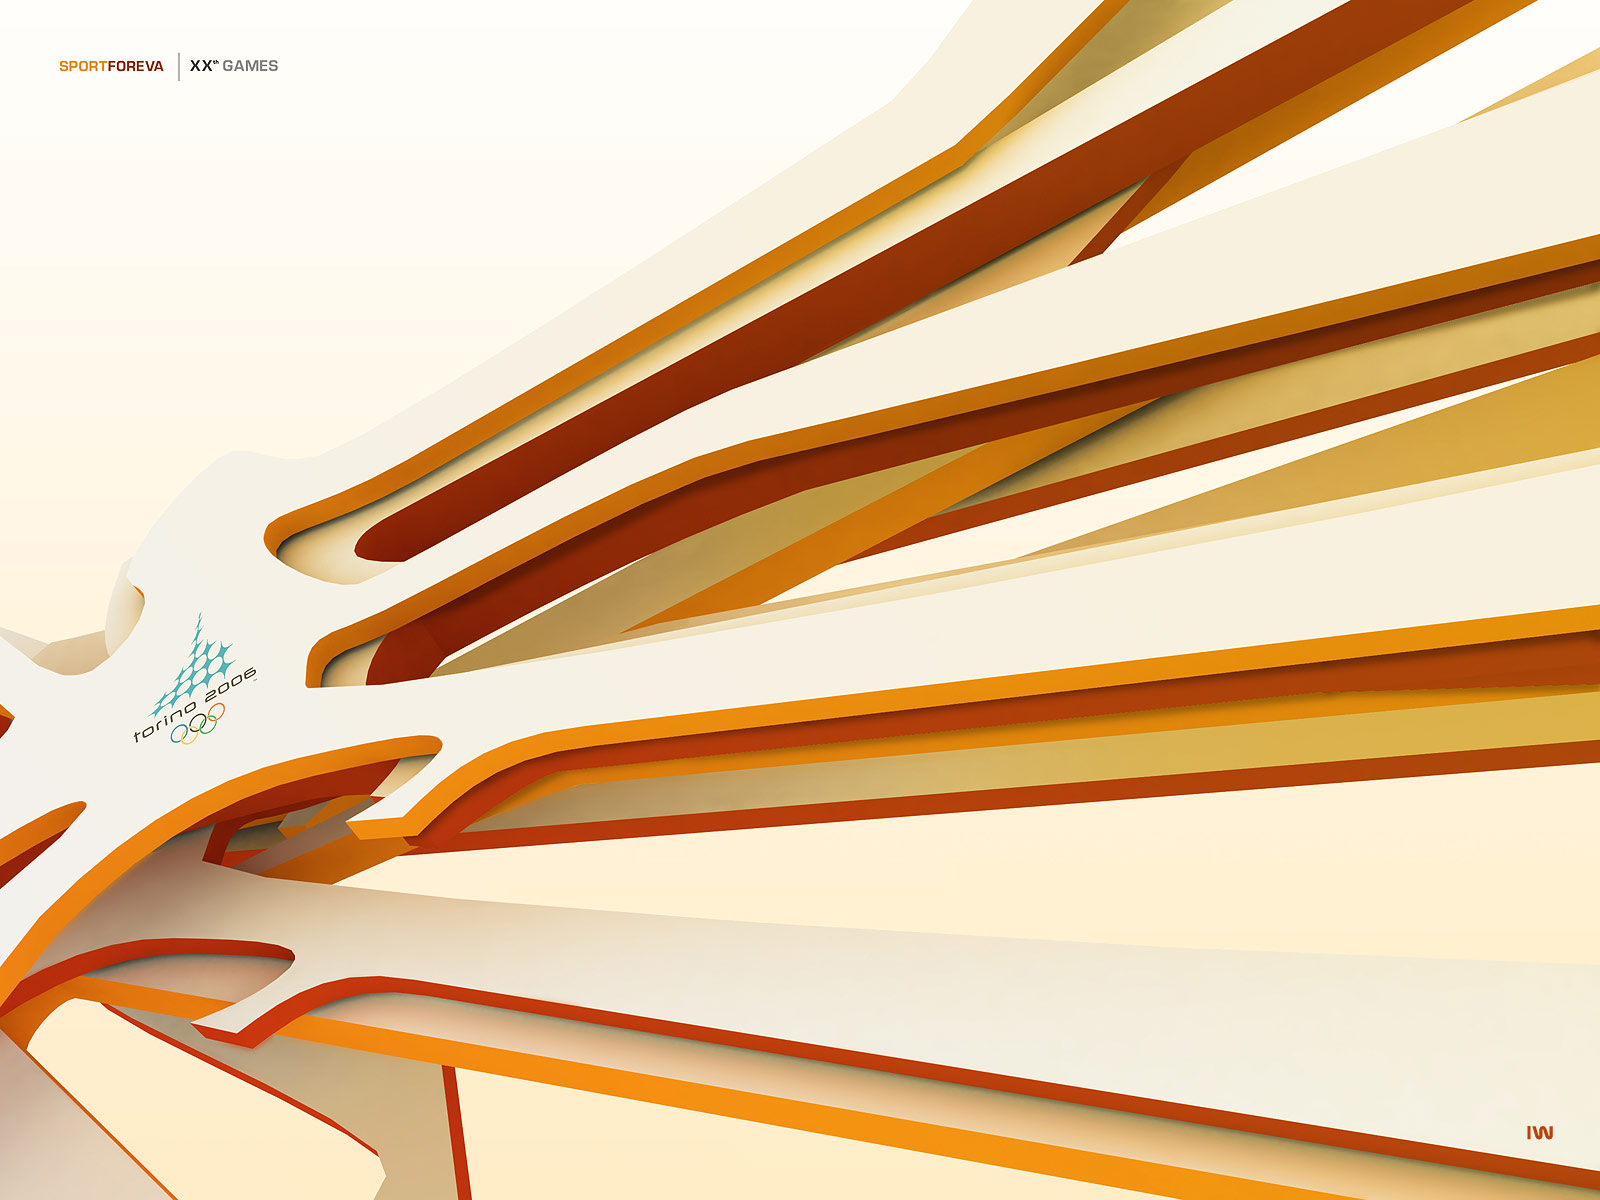 http://1.bp.blogspot.com/_enVLP57PrXw/TB8Wuu-dwFI/AAAAAAAABvg/d9hL_8ll6Ls/s1600/Digital-Art-Wallpaper-+_1_.jpg